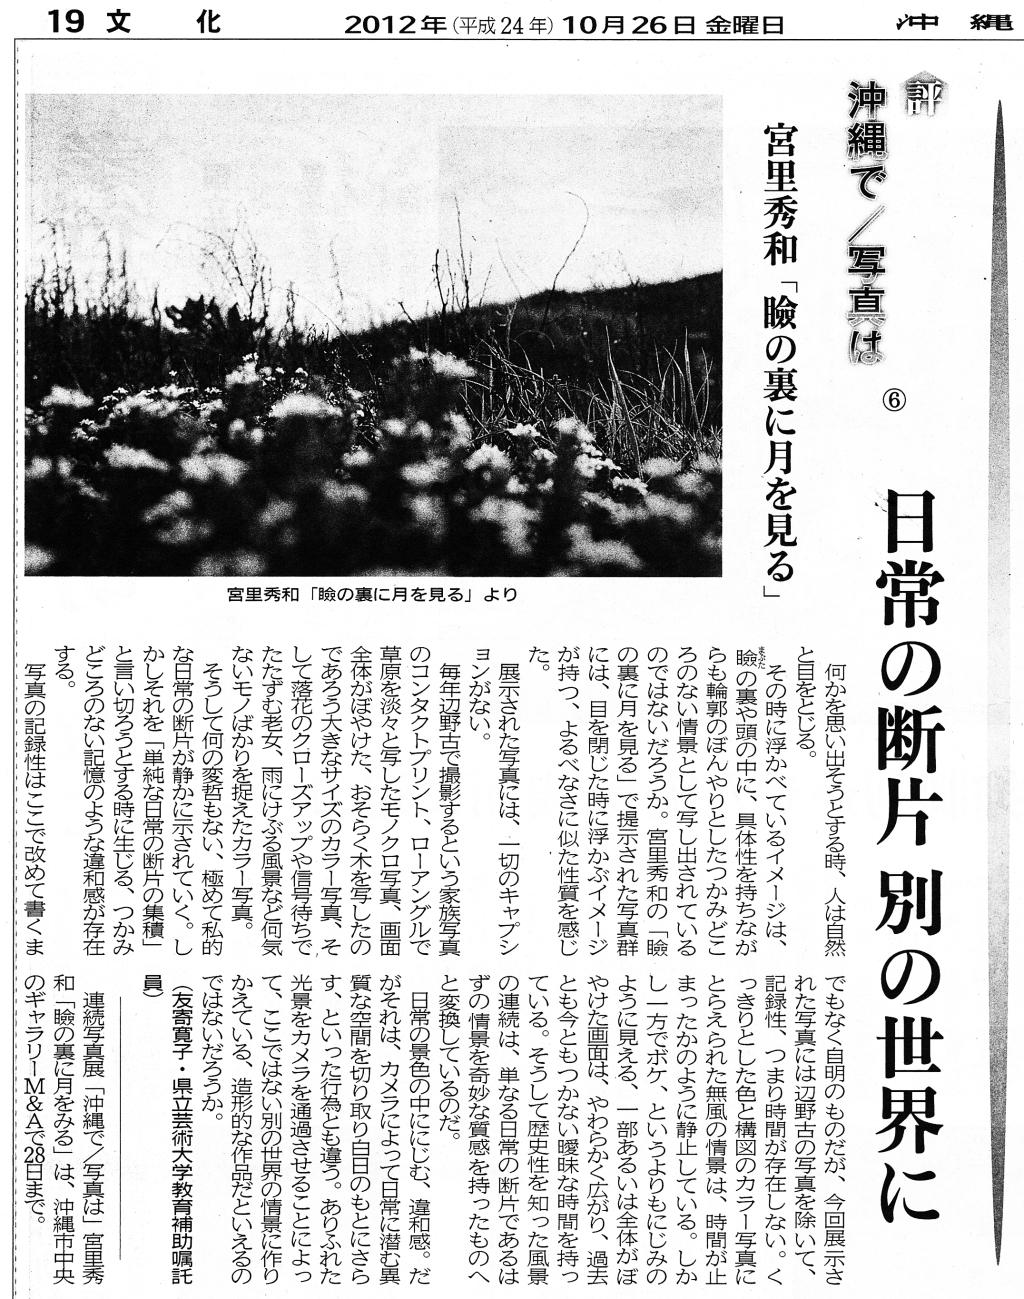 20121026_shinpo_renzoku_miyasato.jpg